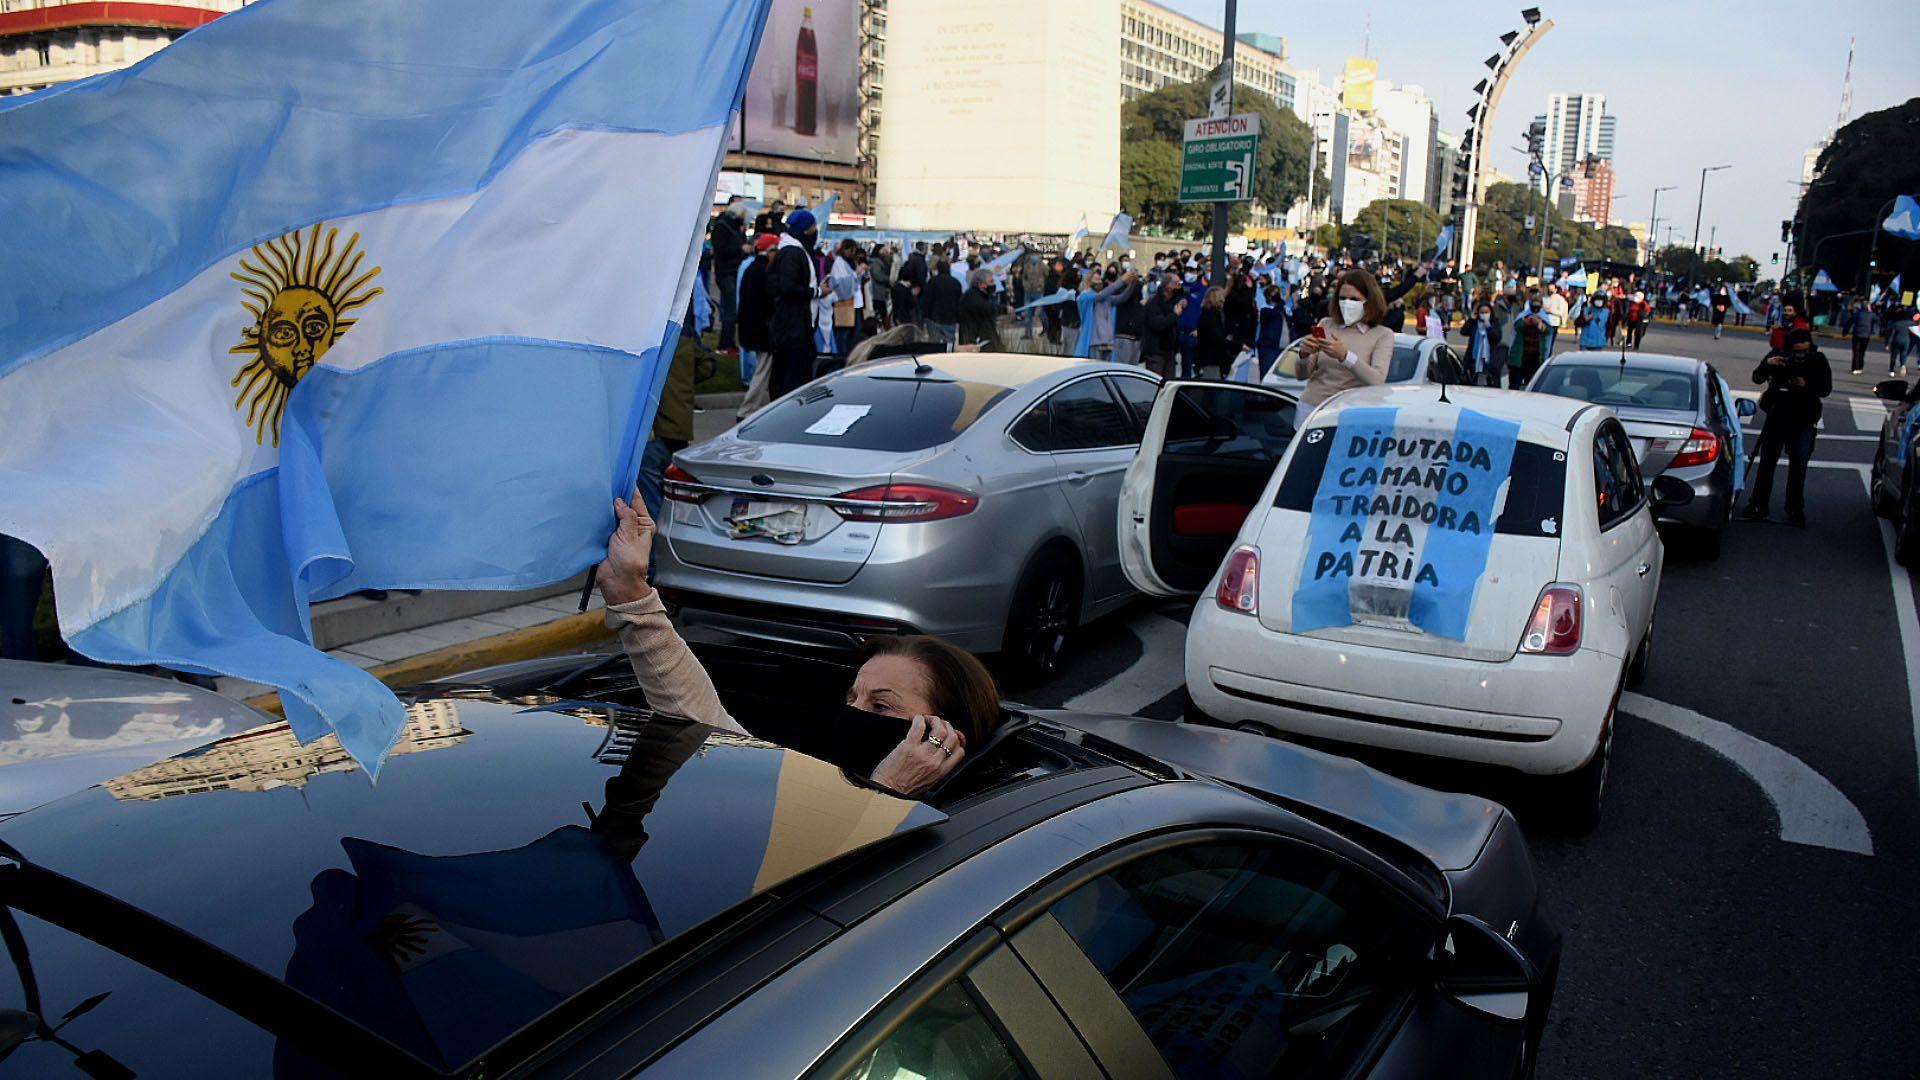 Movilización en el Obelisco en contra de la reforma judicial - 1 de agosto